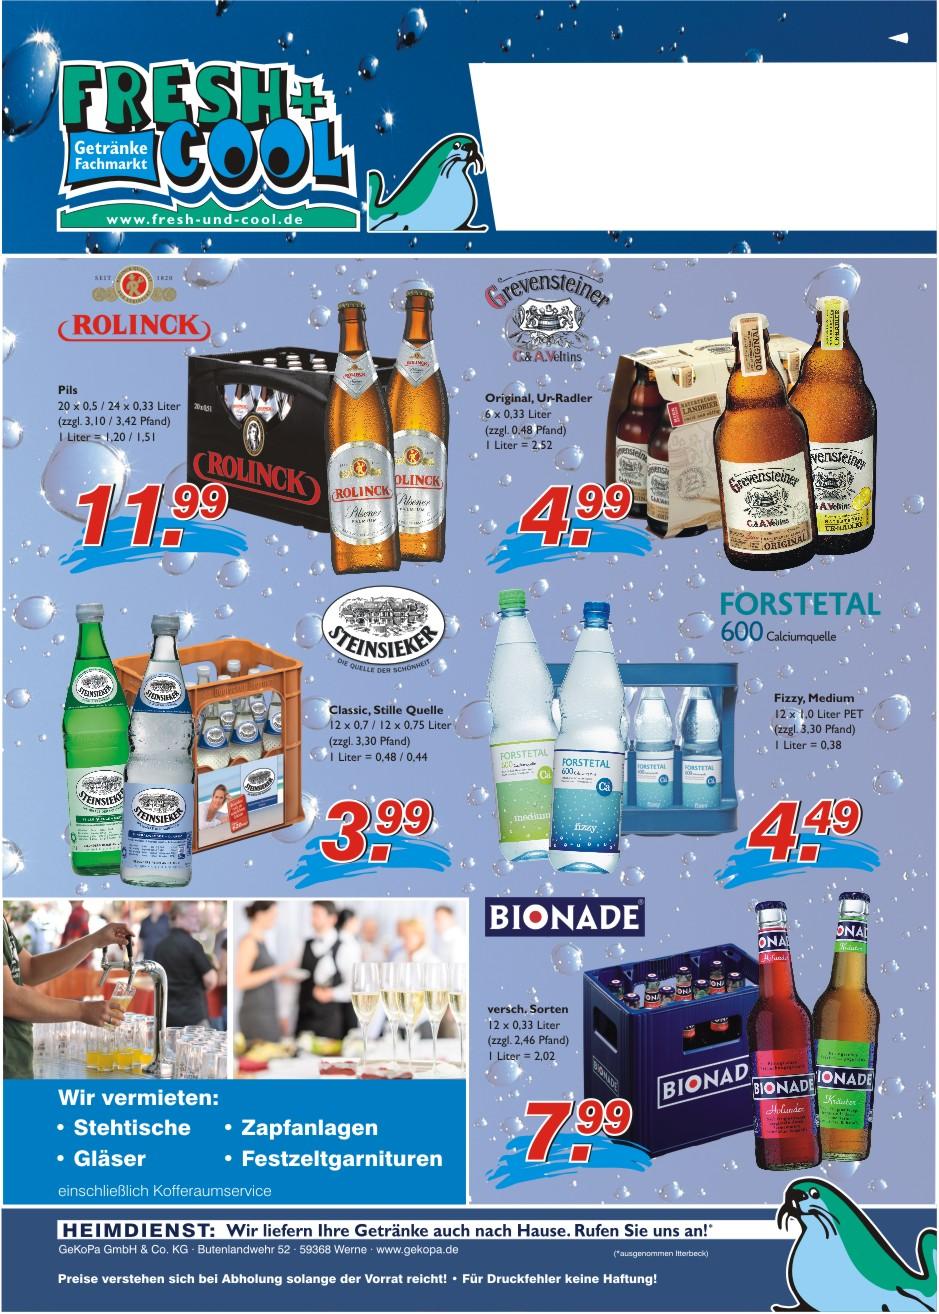 Angebote vom 31.08.-06.09.2017 Seite 2 | Getränke Rücker